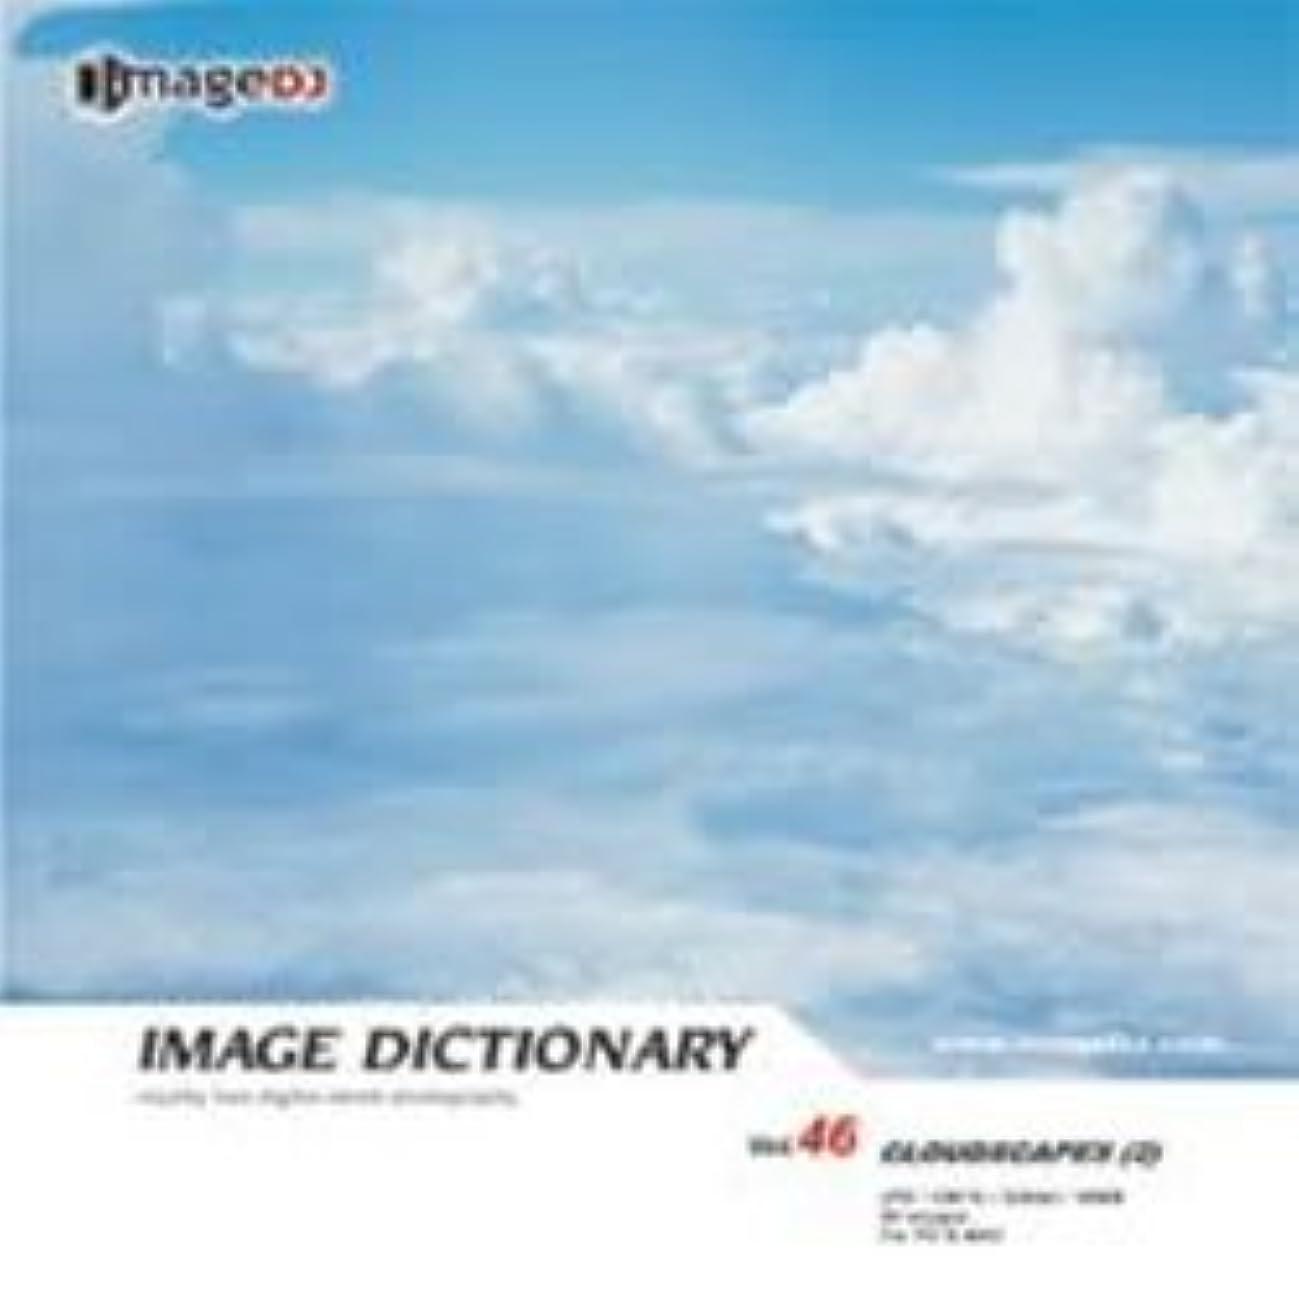 ミシン目黙バーチャルイメージ ディクショナリー Vol.46 雲(2)